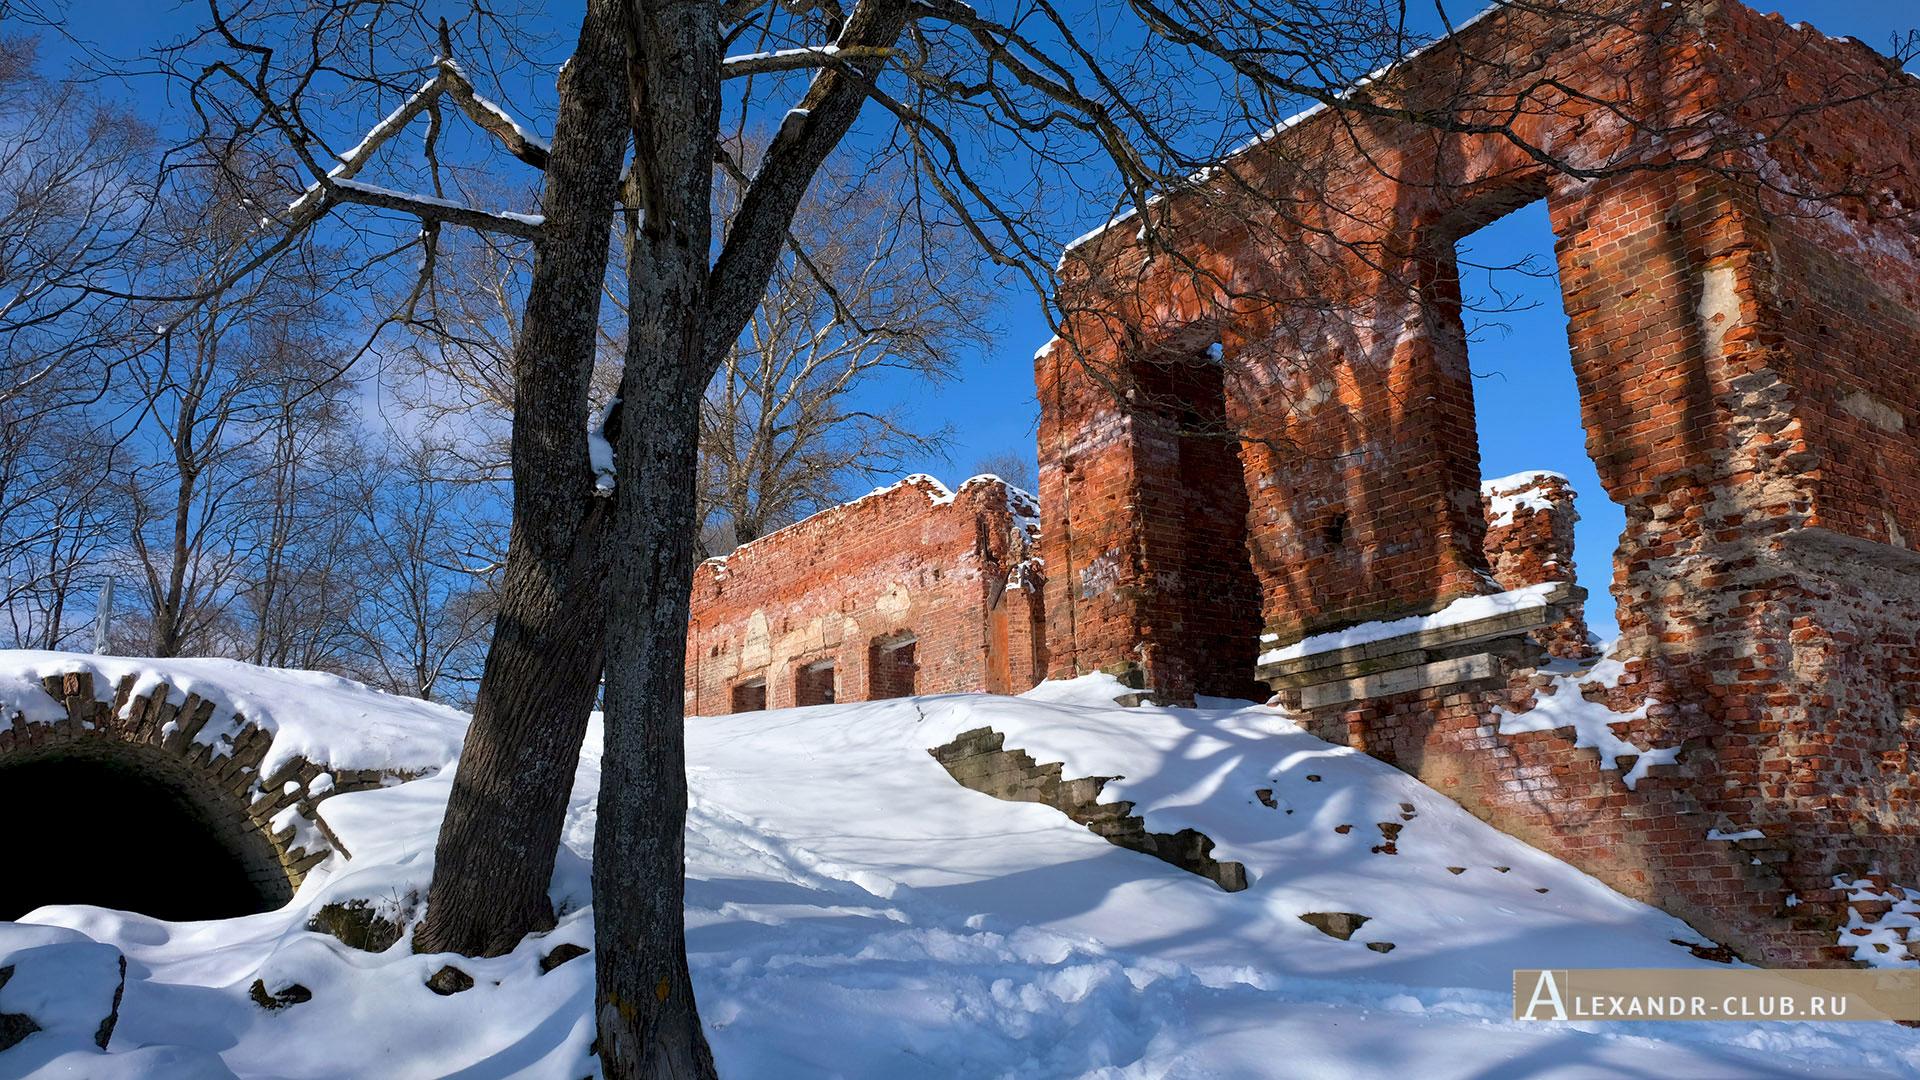 Петергоф, Луговой парк, зима, Розовый павильон – 3